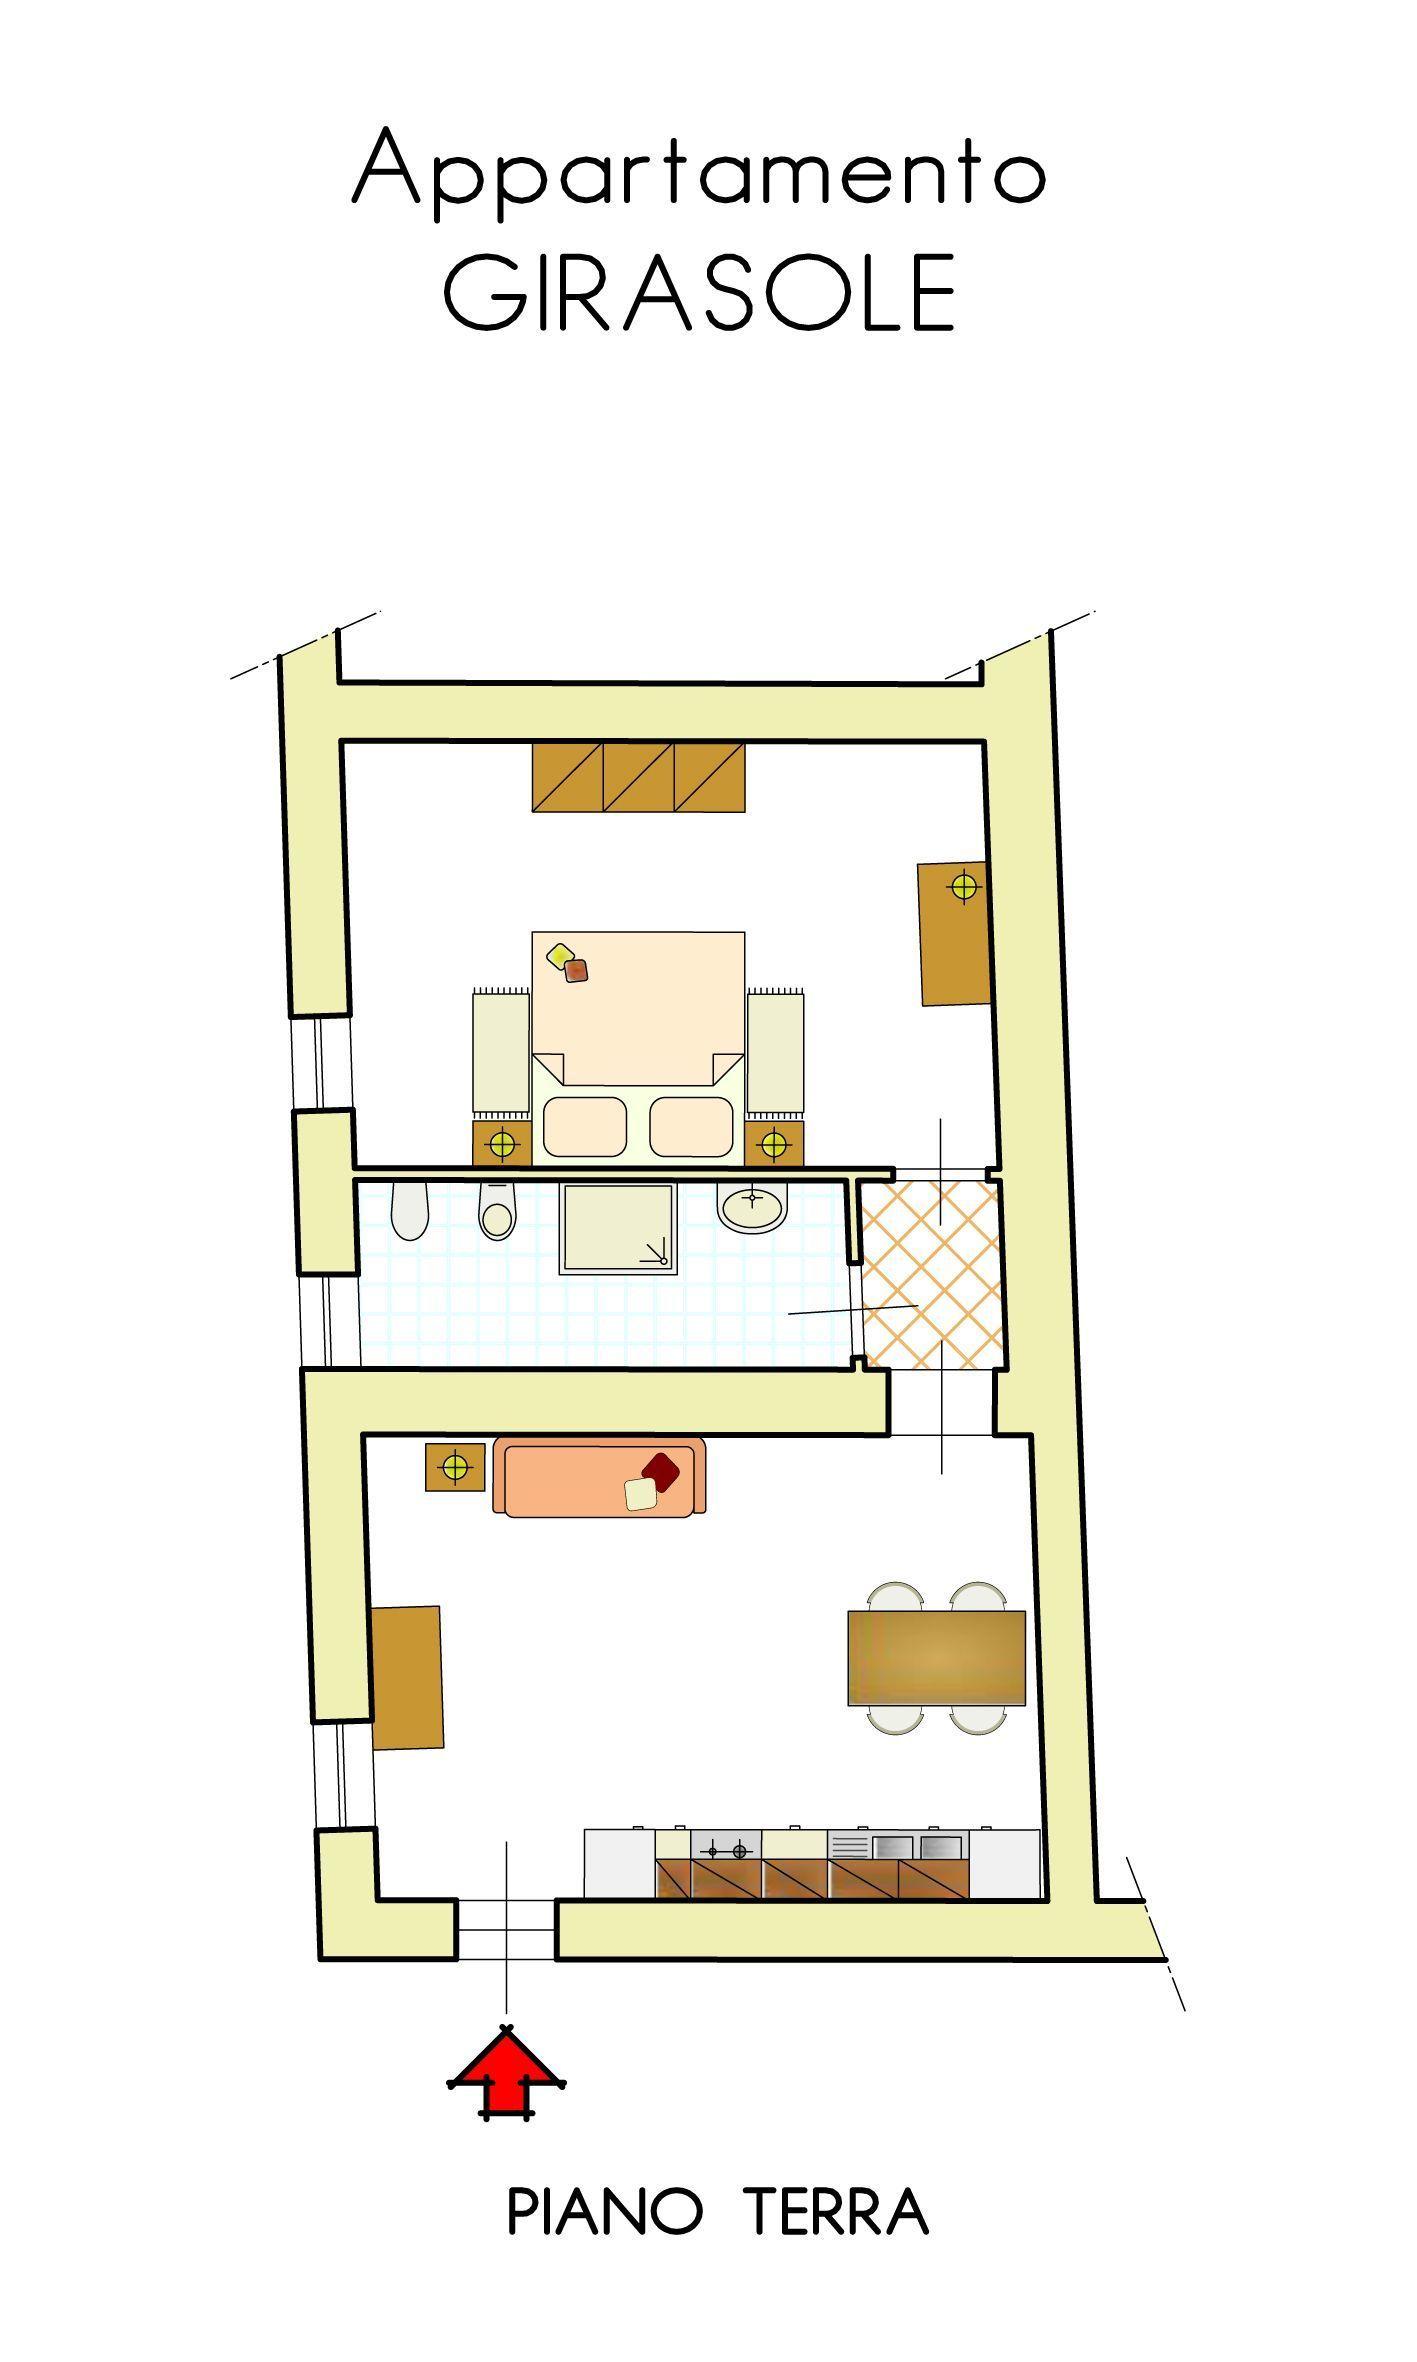 Appartamento bilocale piano terra posti letto 4 in 1 for Software di progettazione domestica di piano terra